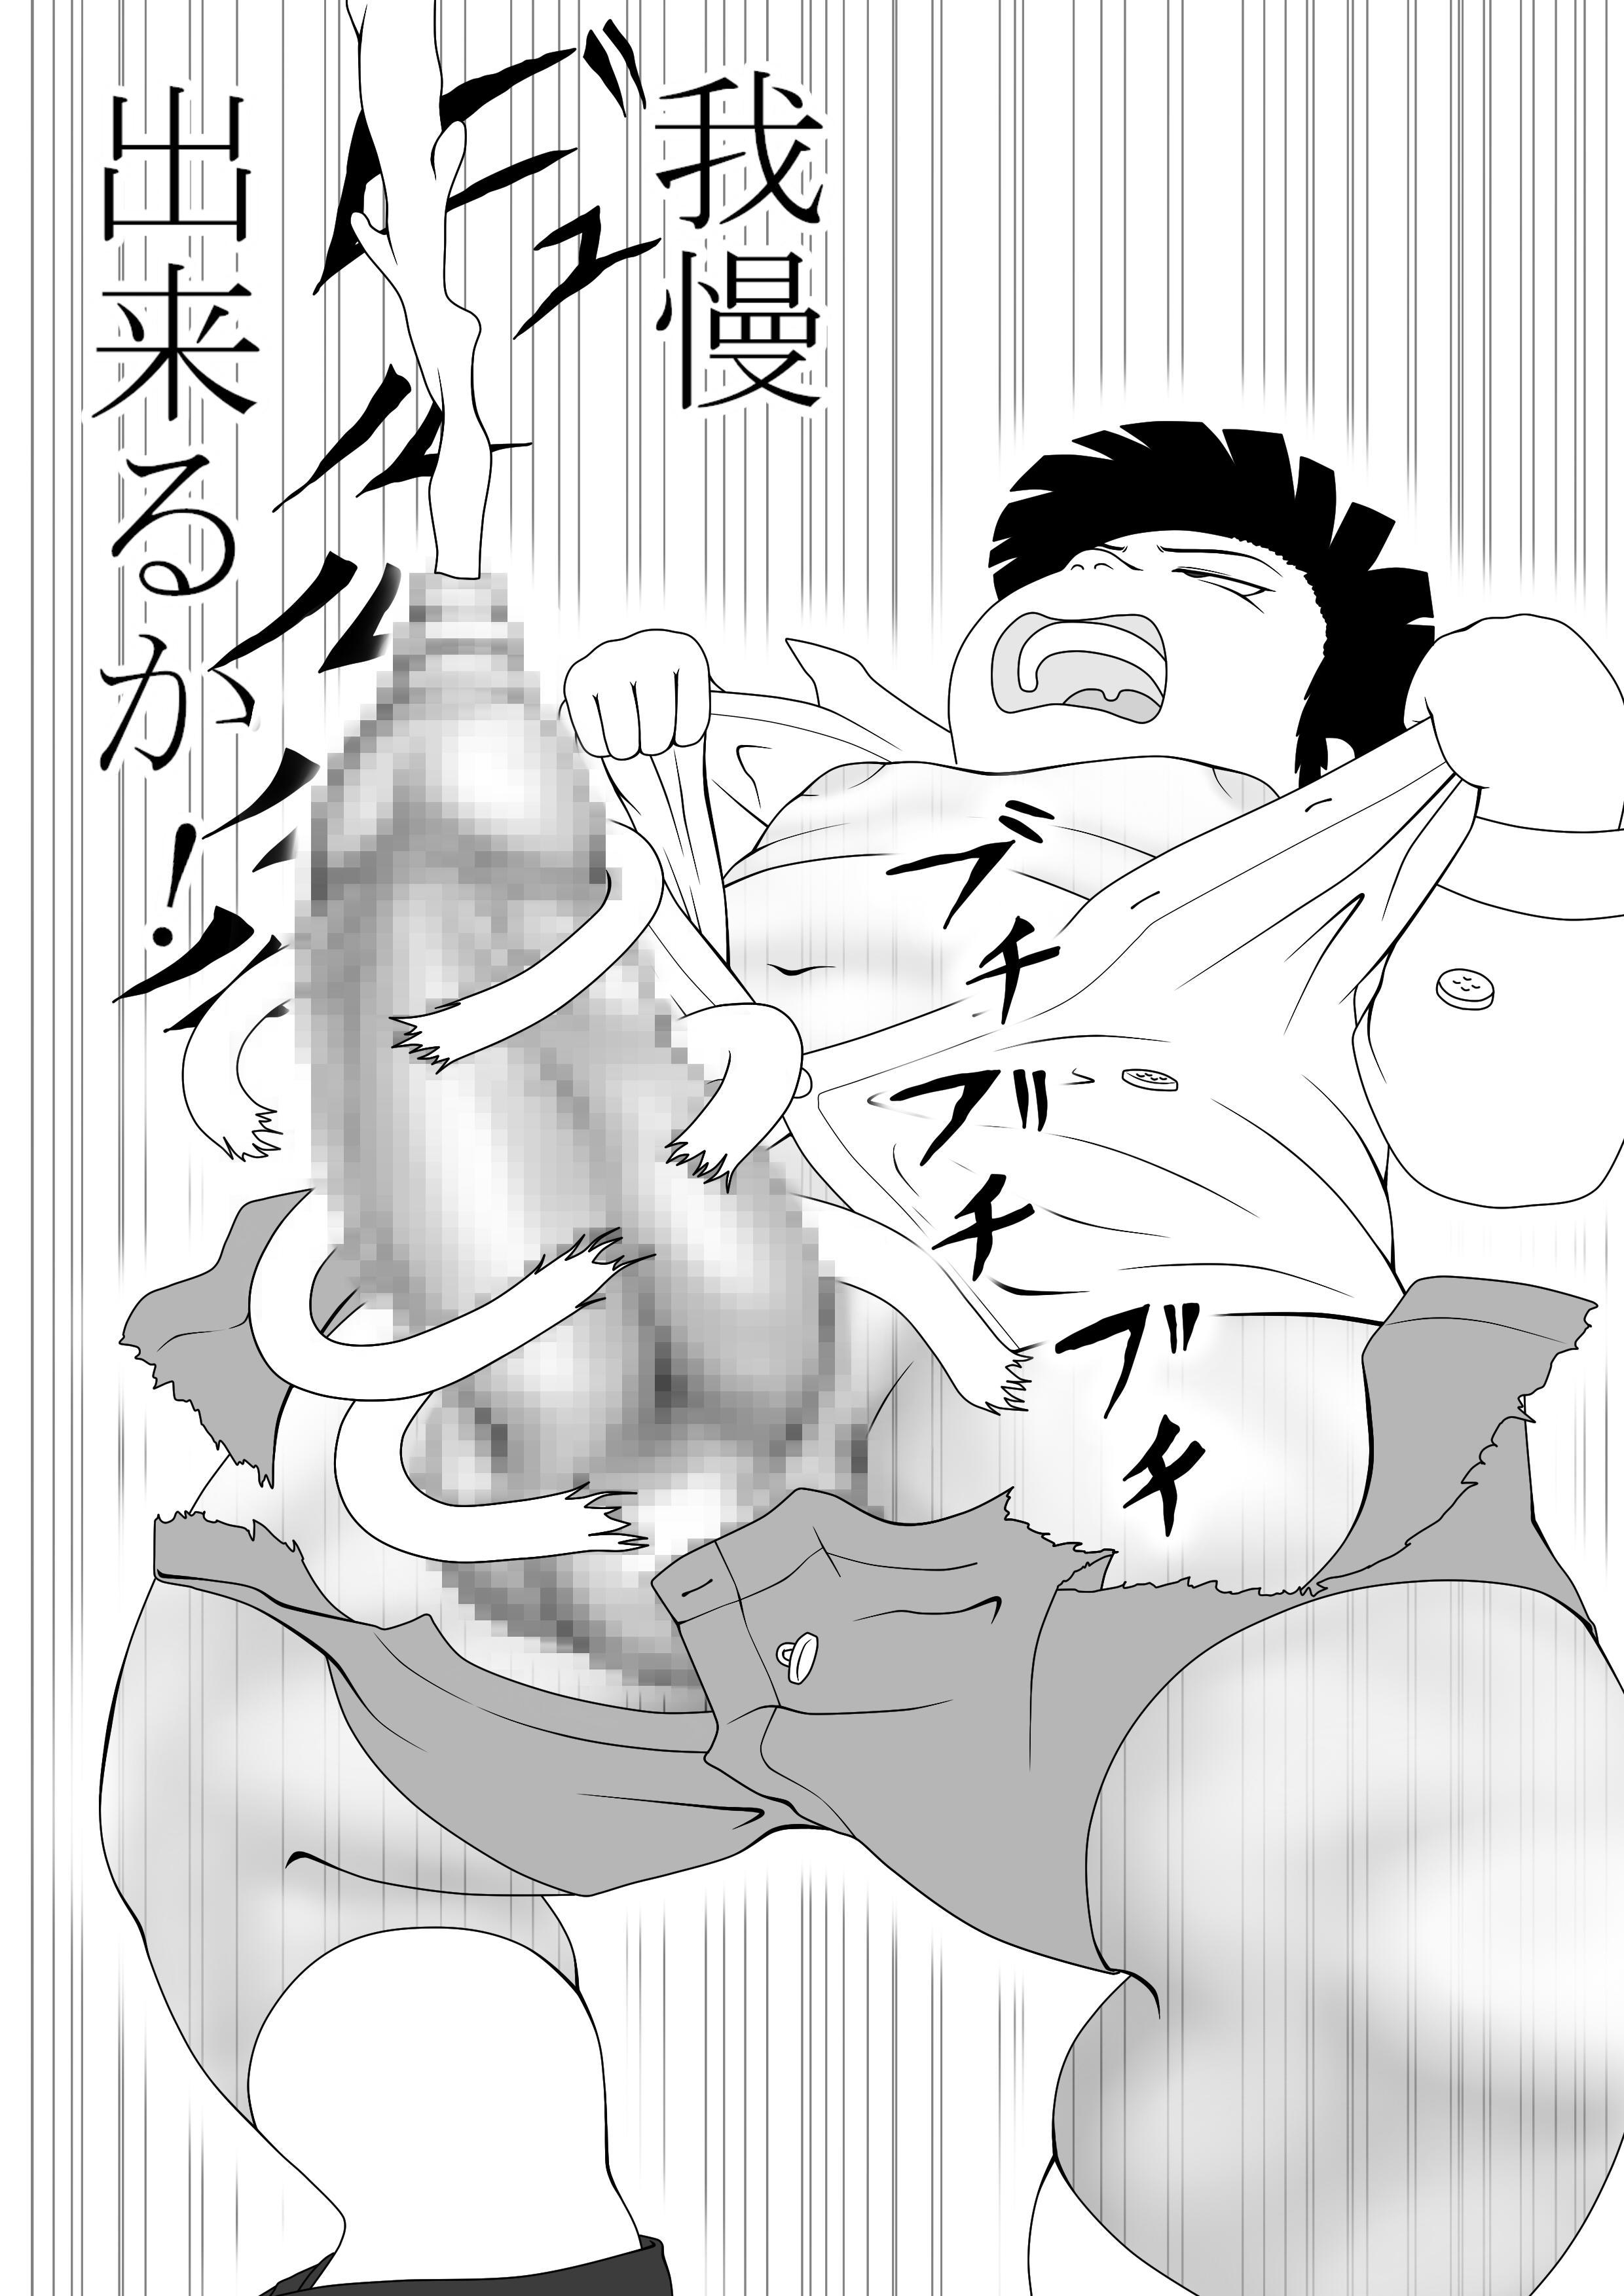 Boku Wa Futanari San Ni Nanrakano Kōgeki O Uke Te Iru 15